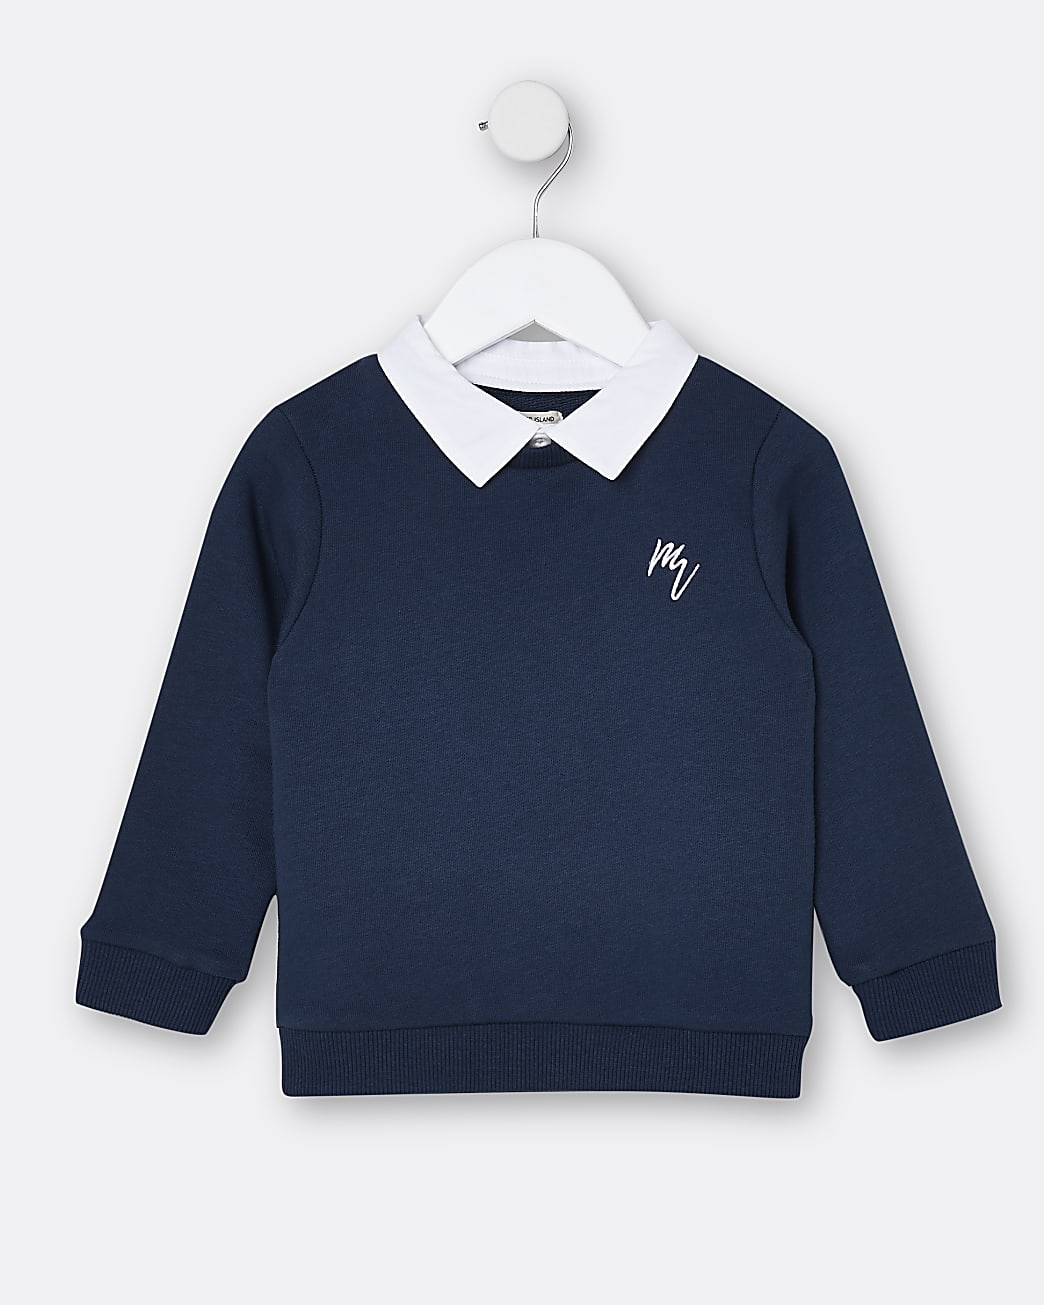 Mini boys navy Maison Riviera sweatshirt